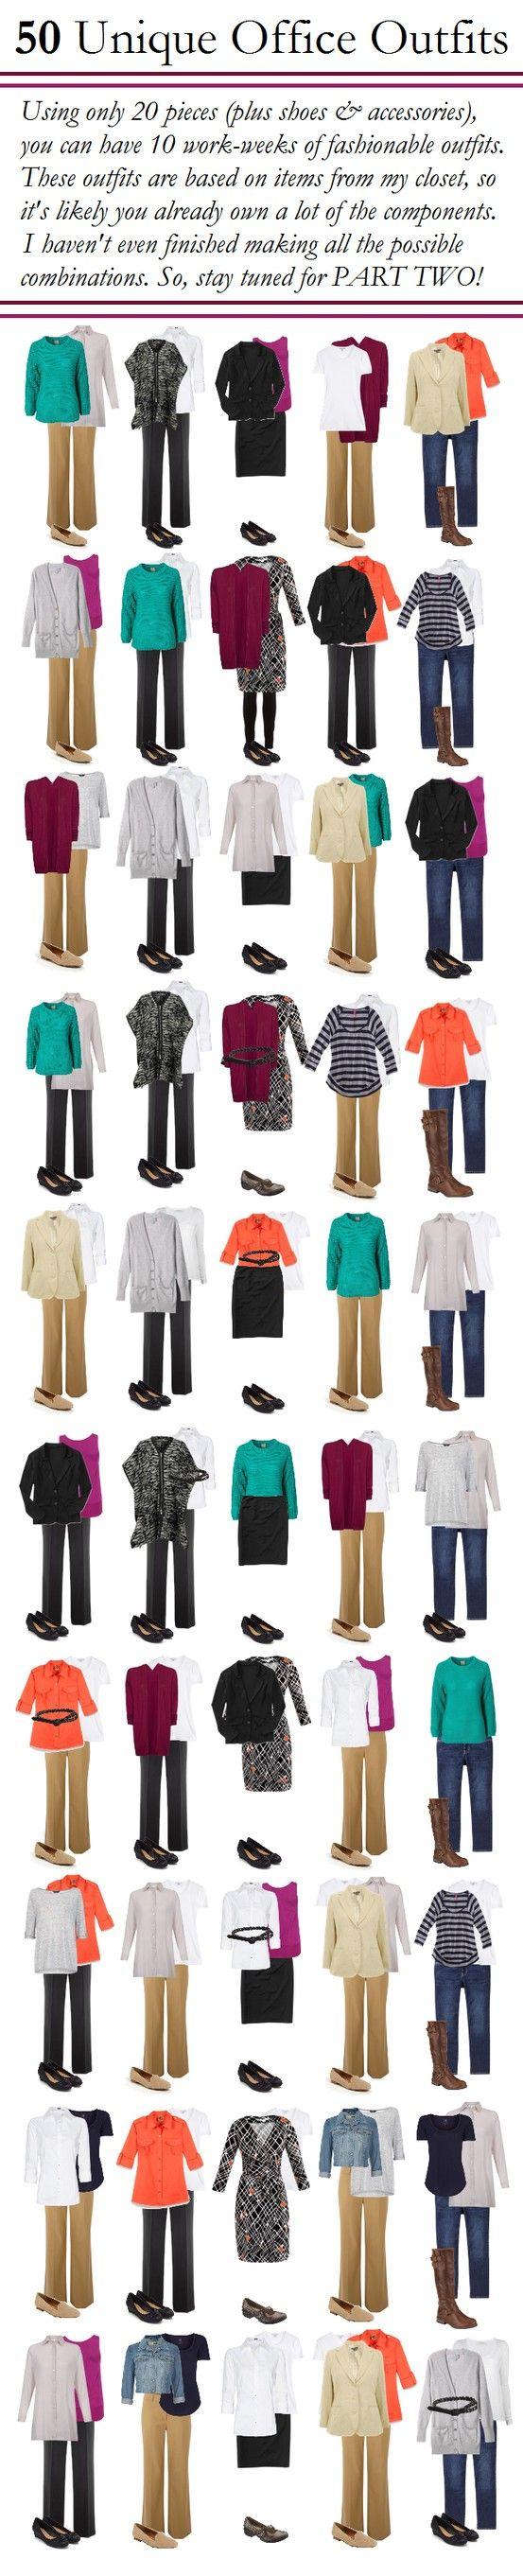 Tobi clothing store